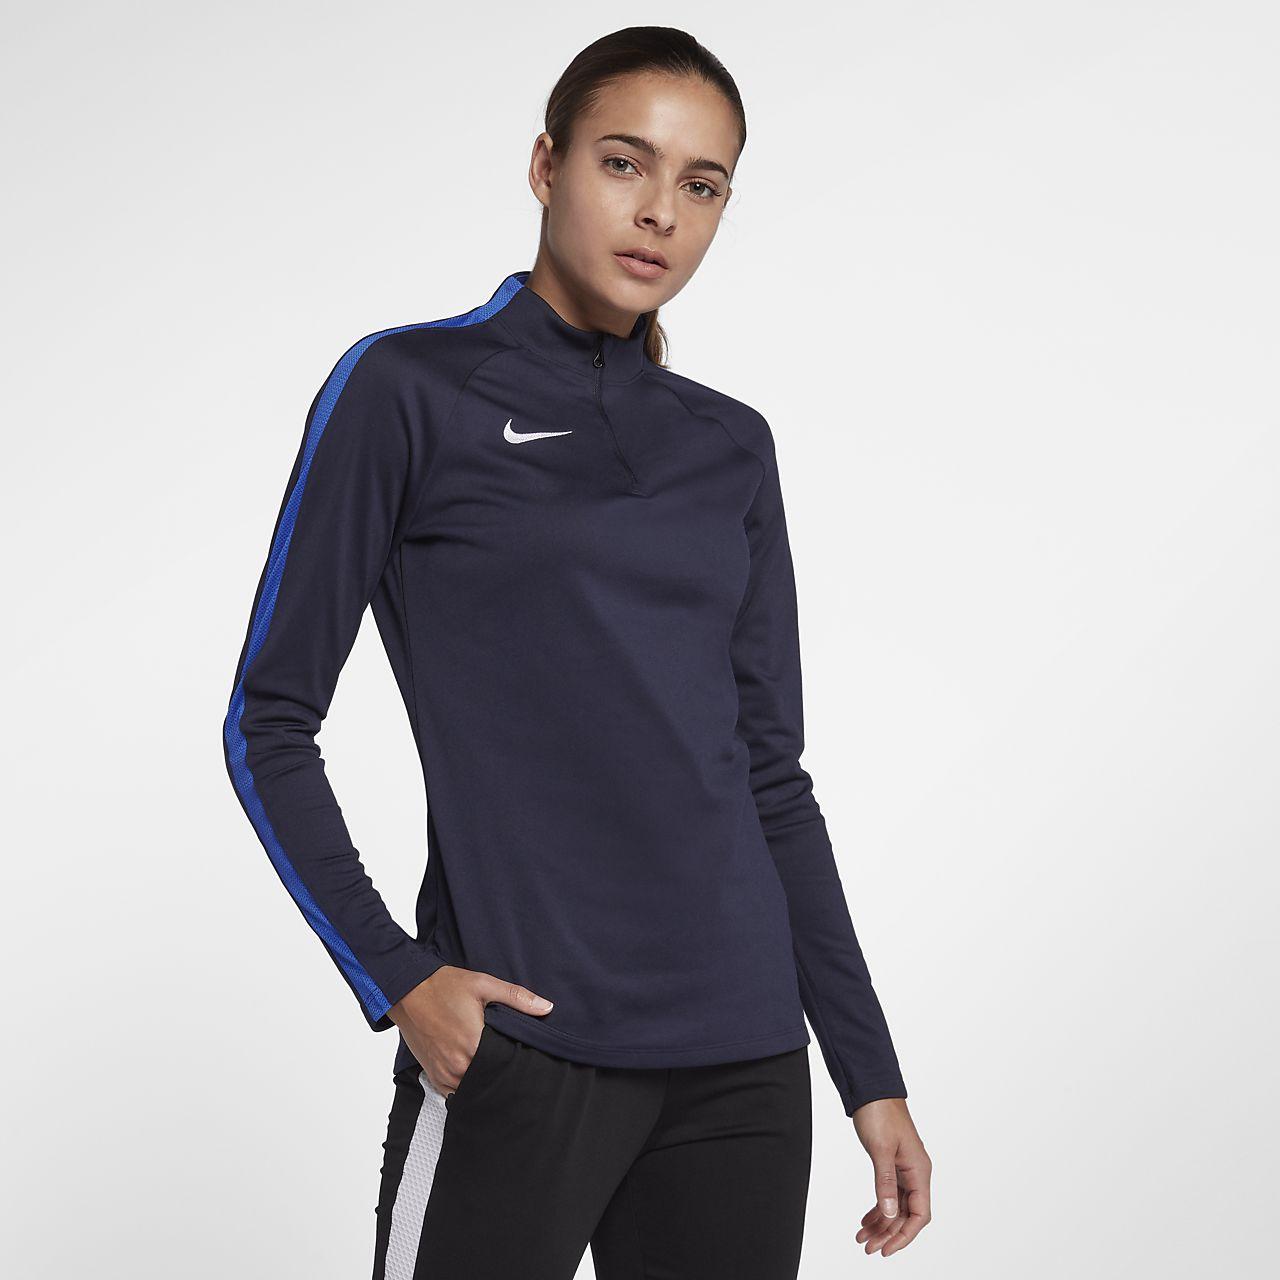 Nike Dri-FIT Academy Drill Voetbaltop met lange mouwen voor dames